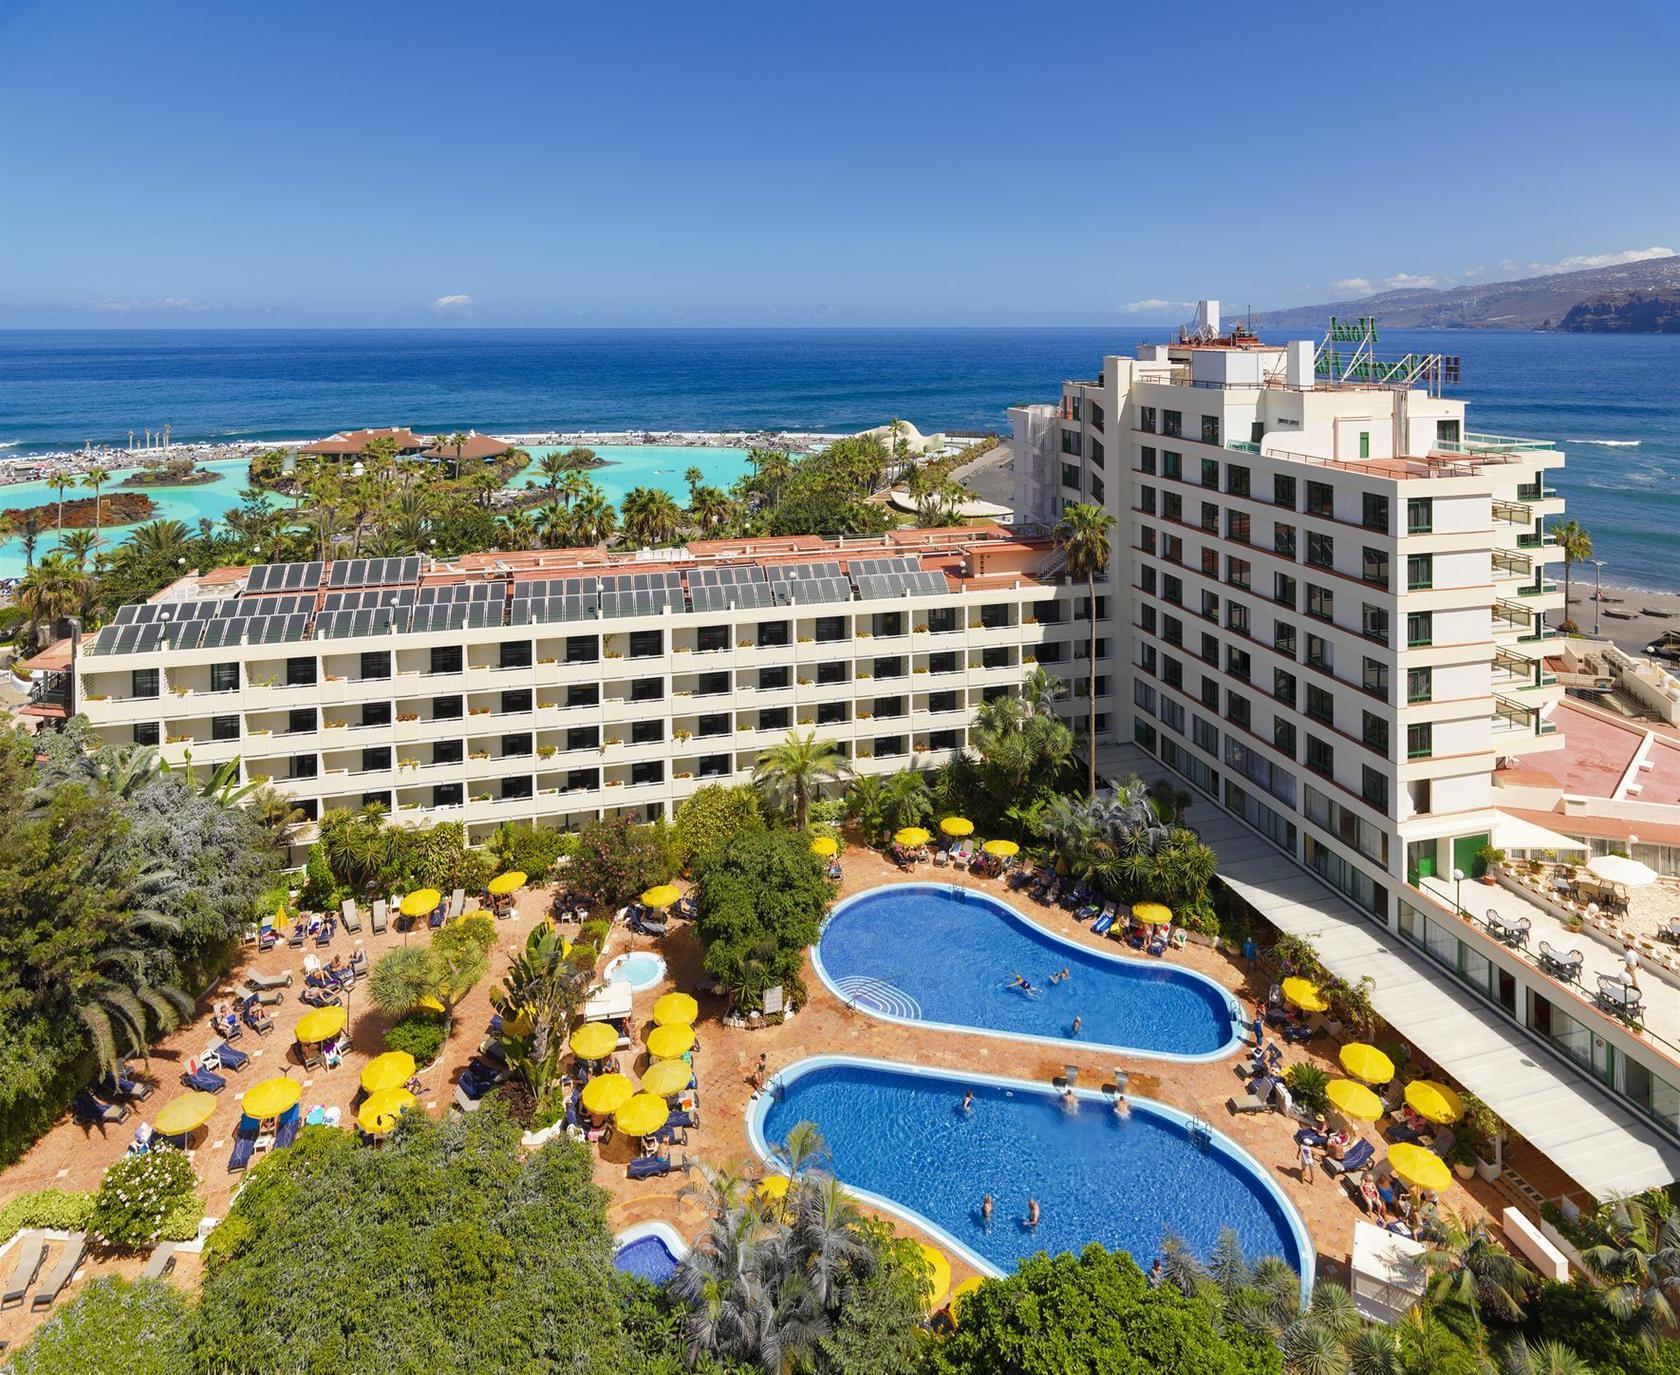 HotelH10 Tenerife Playa